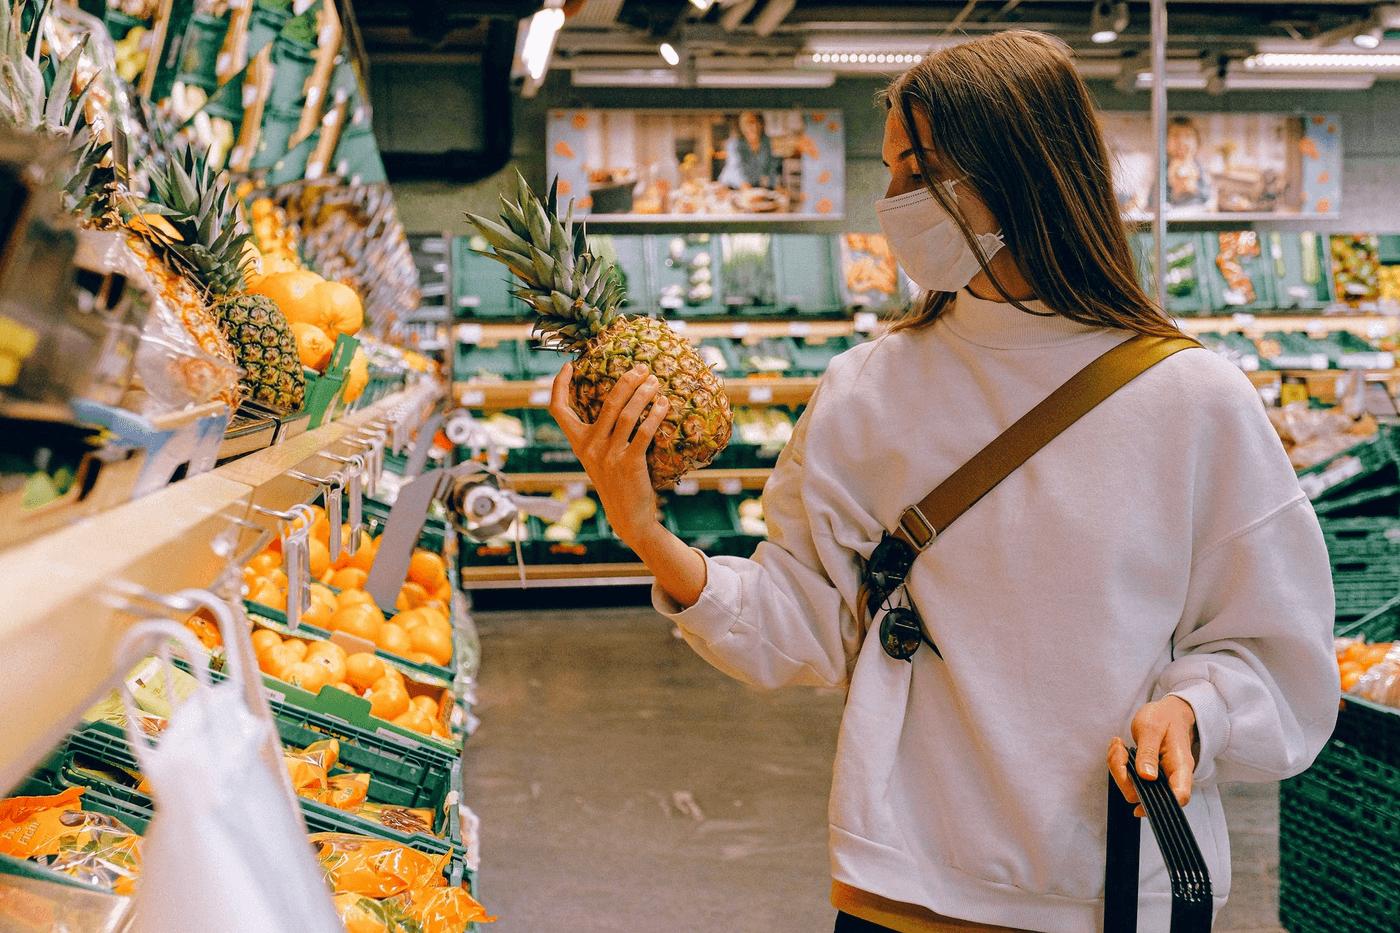 Une personne faisant ses courses au supermarché